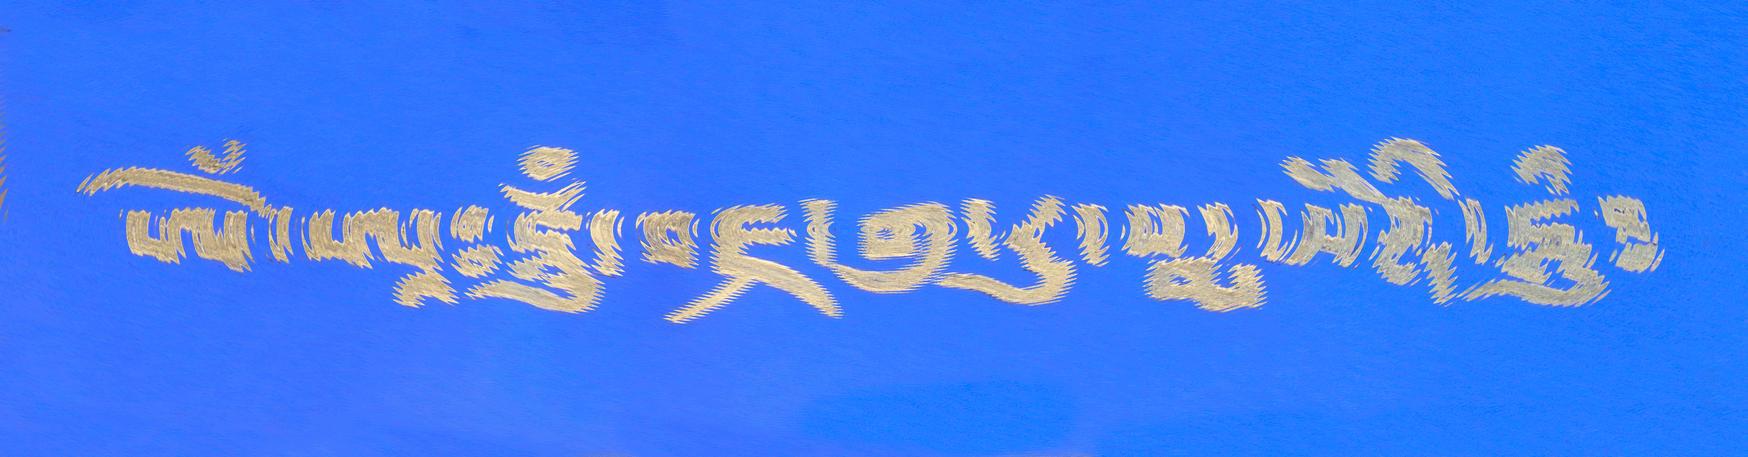 VAJRA-GURU-Mantra_3 by Lotuskunst94